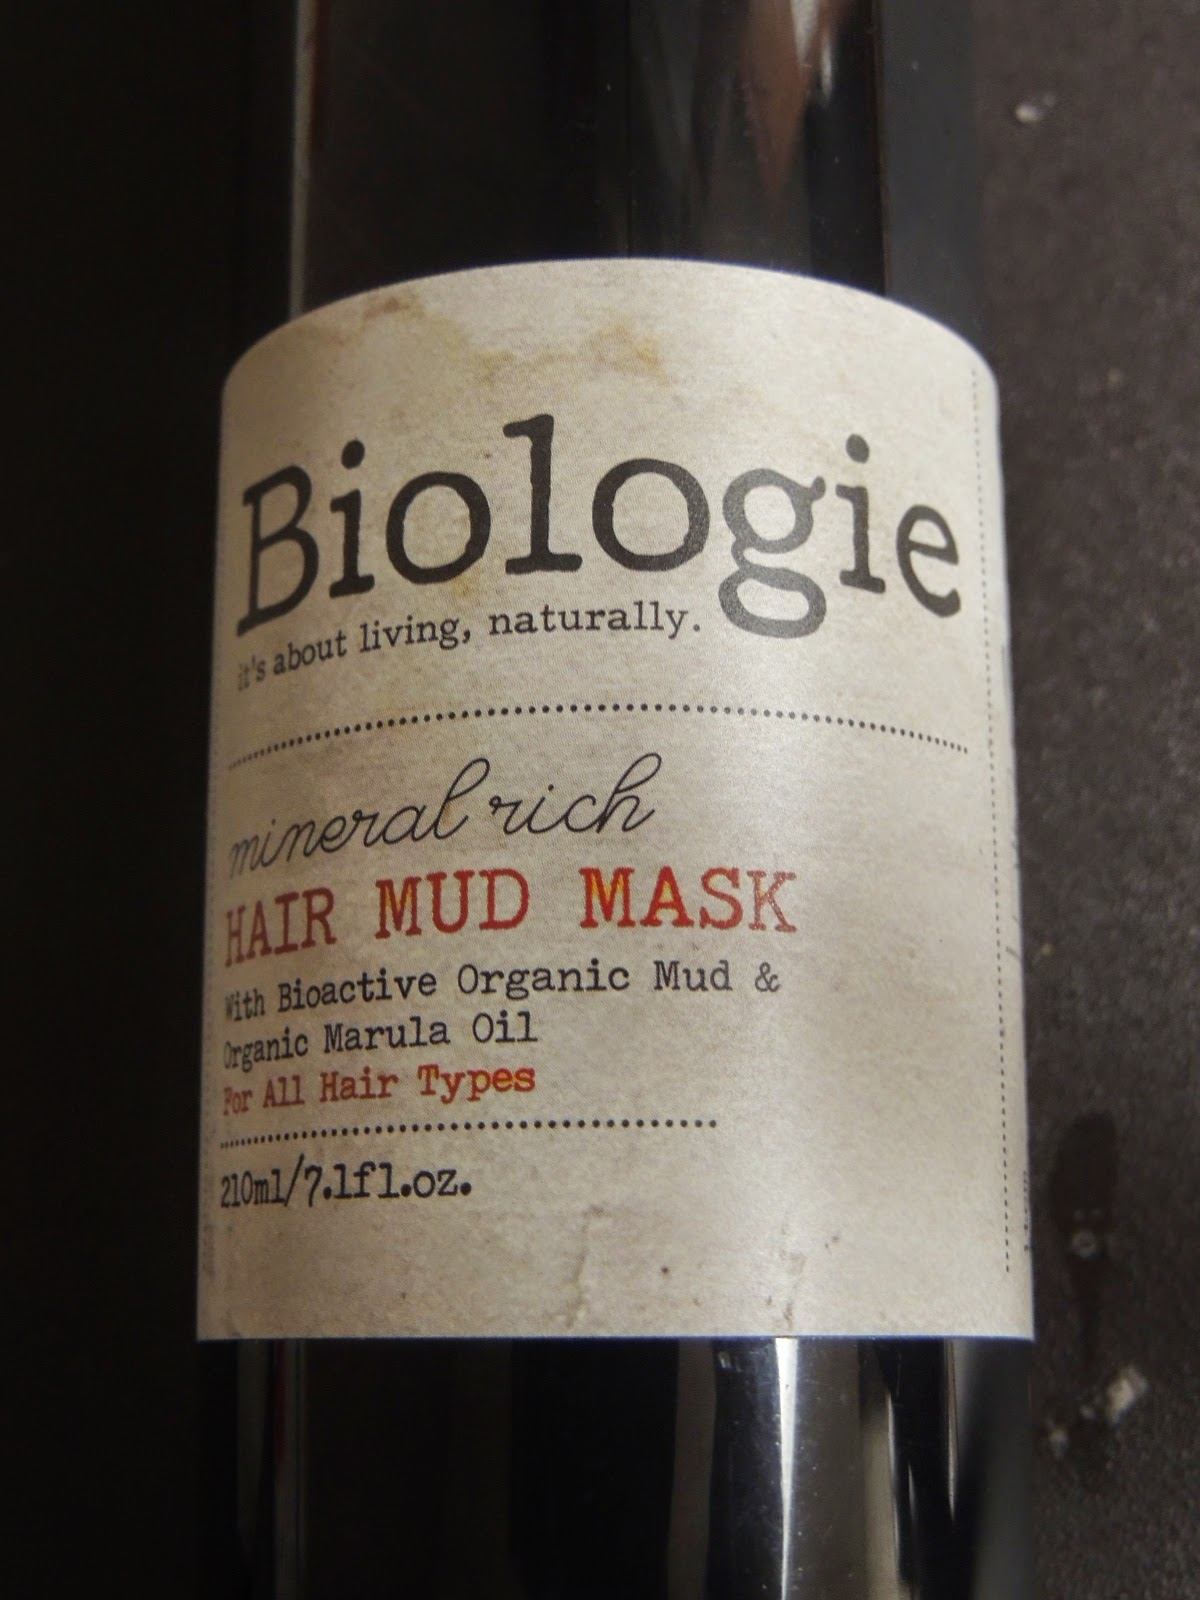 Hair Mud Mask